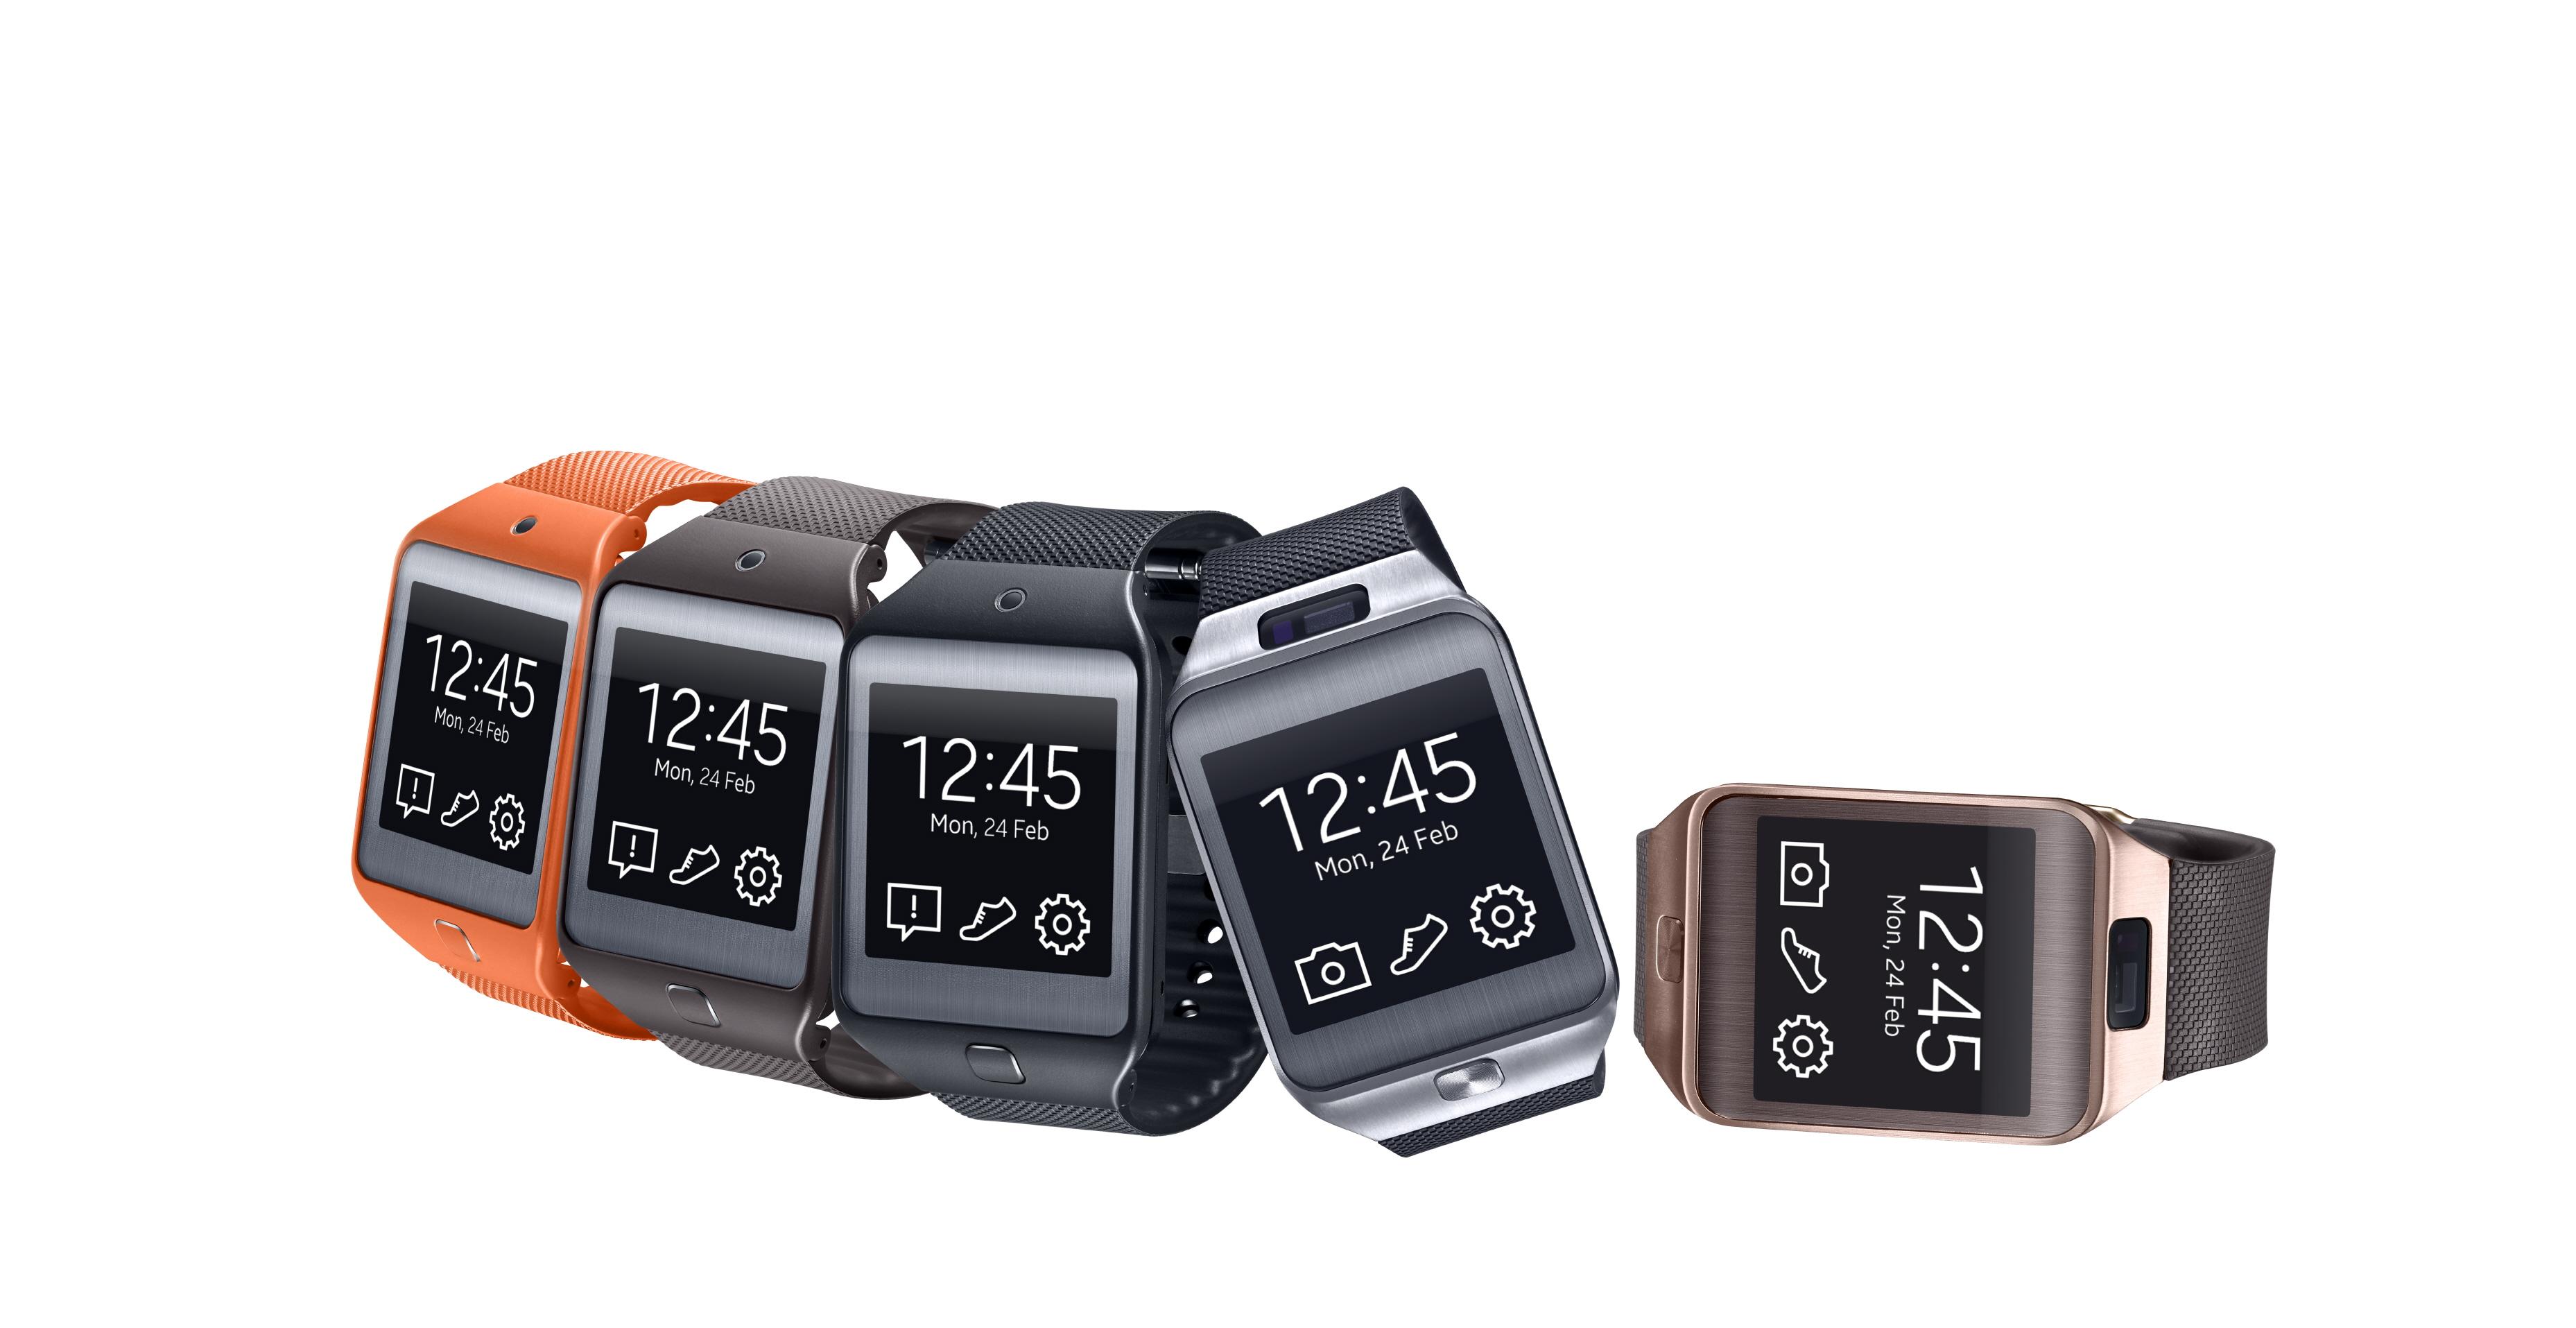 Samsung Gear 2 in Gear 2 Neo